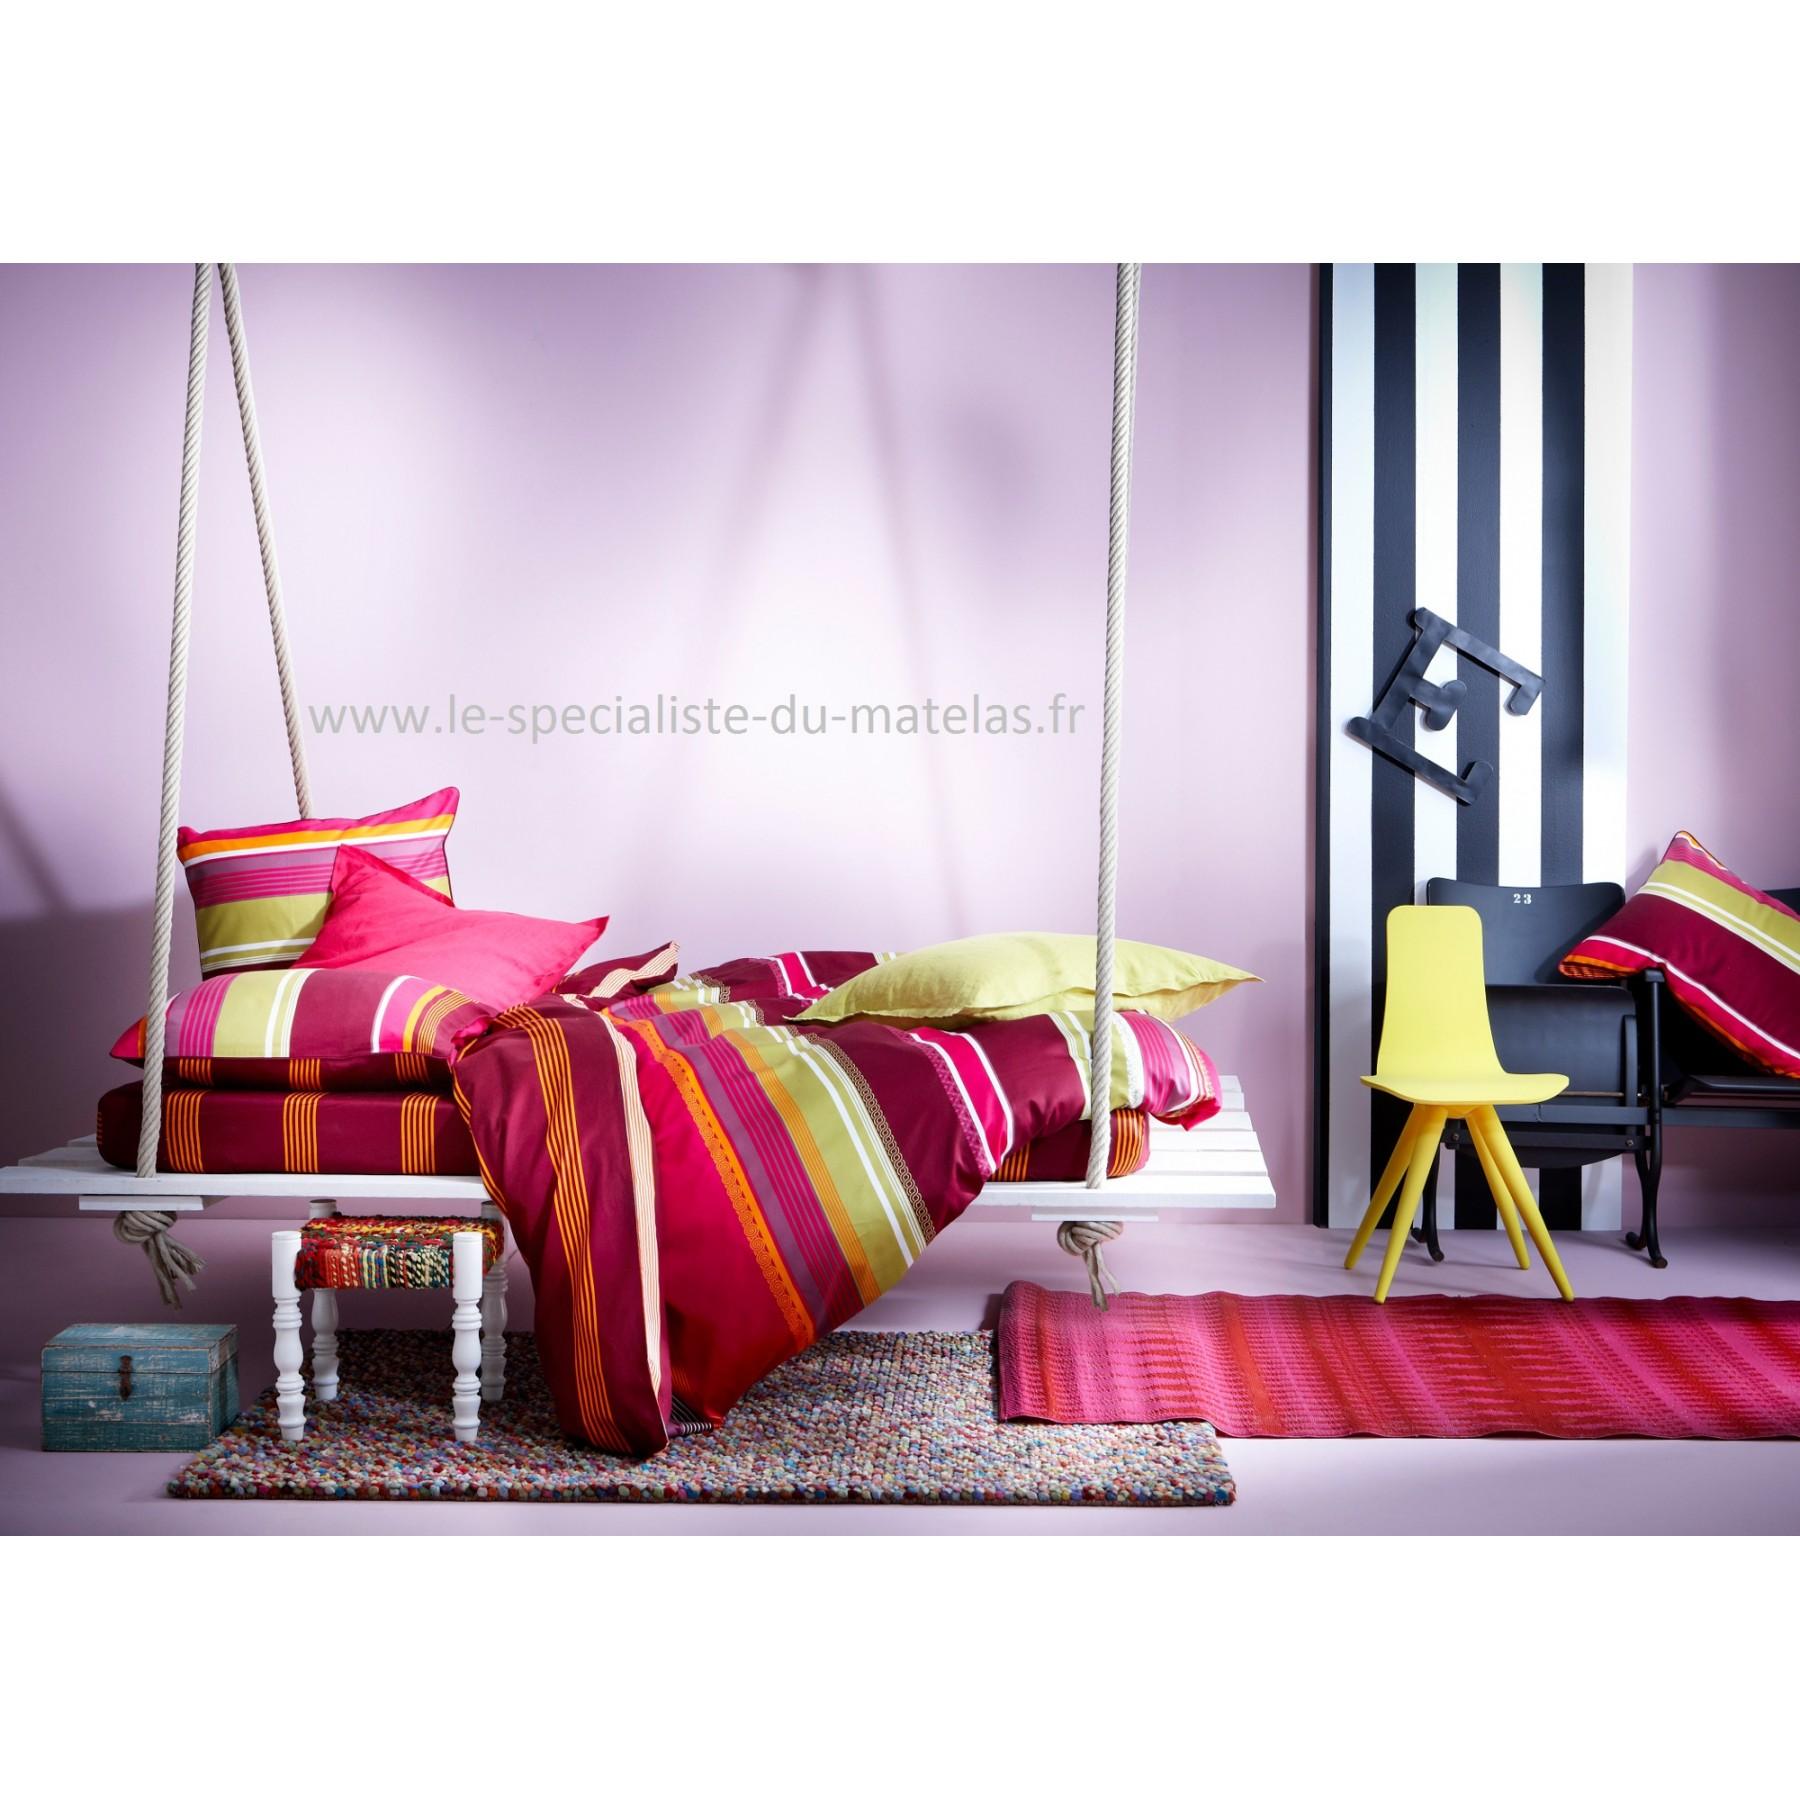 modele housse de couette housse de couette essix mod le affinit le sp cialiste du matelas. Black Bedroom Furniture Sets. Home Design Ideas